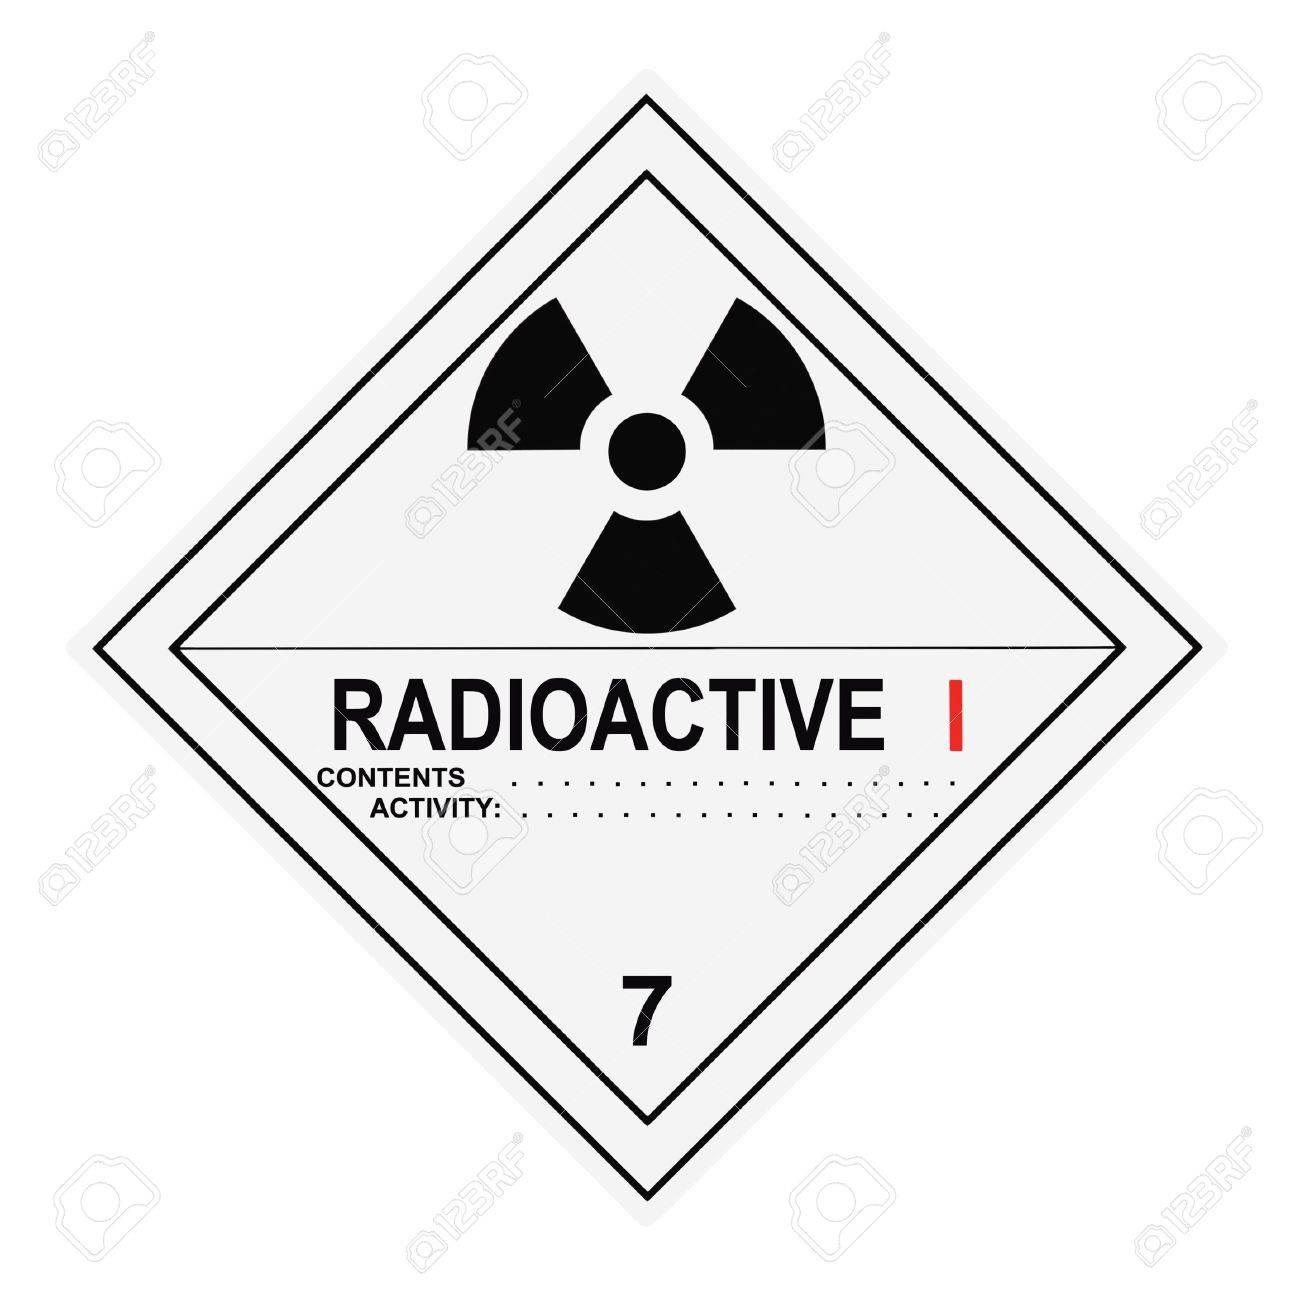 United States Department of Transportation radioactive warning label islolated on white Stock Photo - 4656671